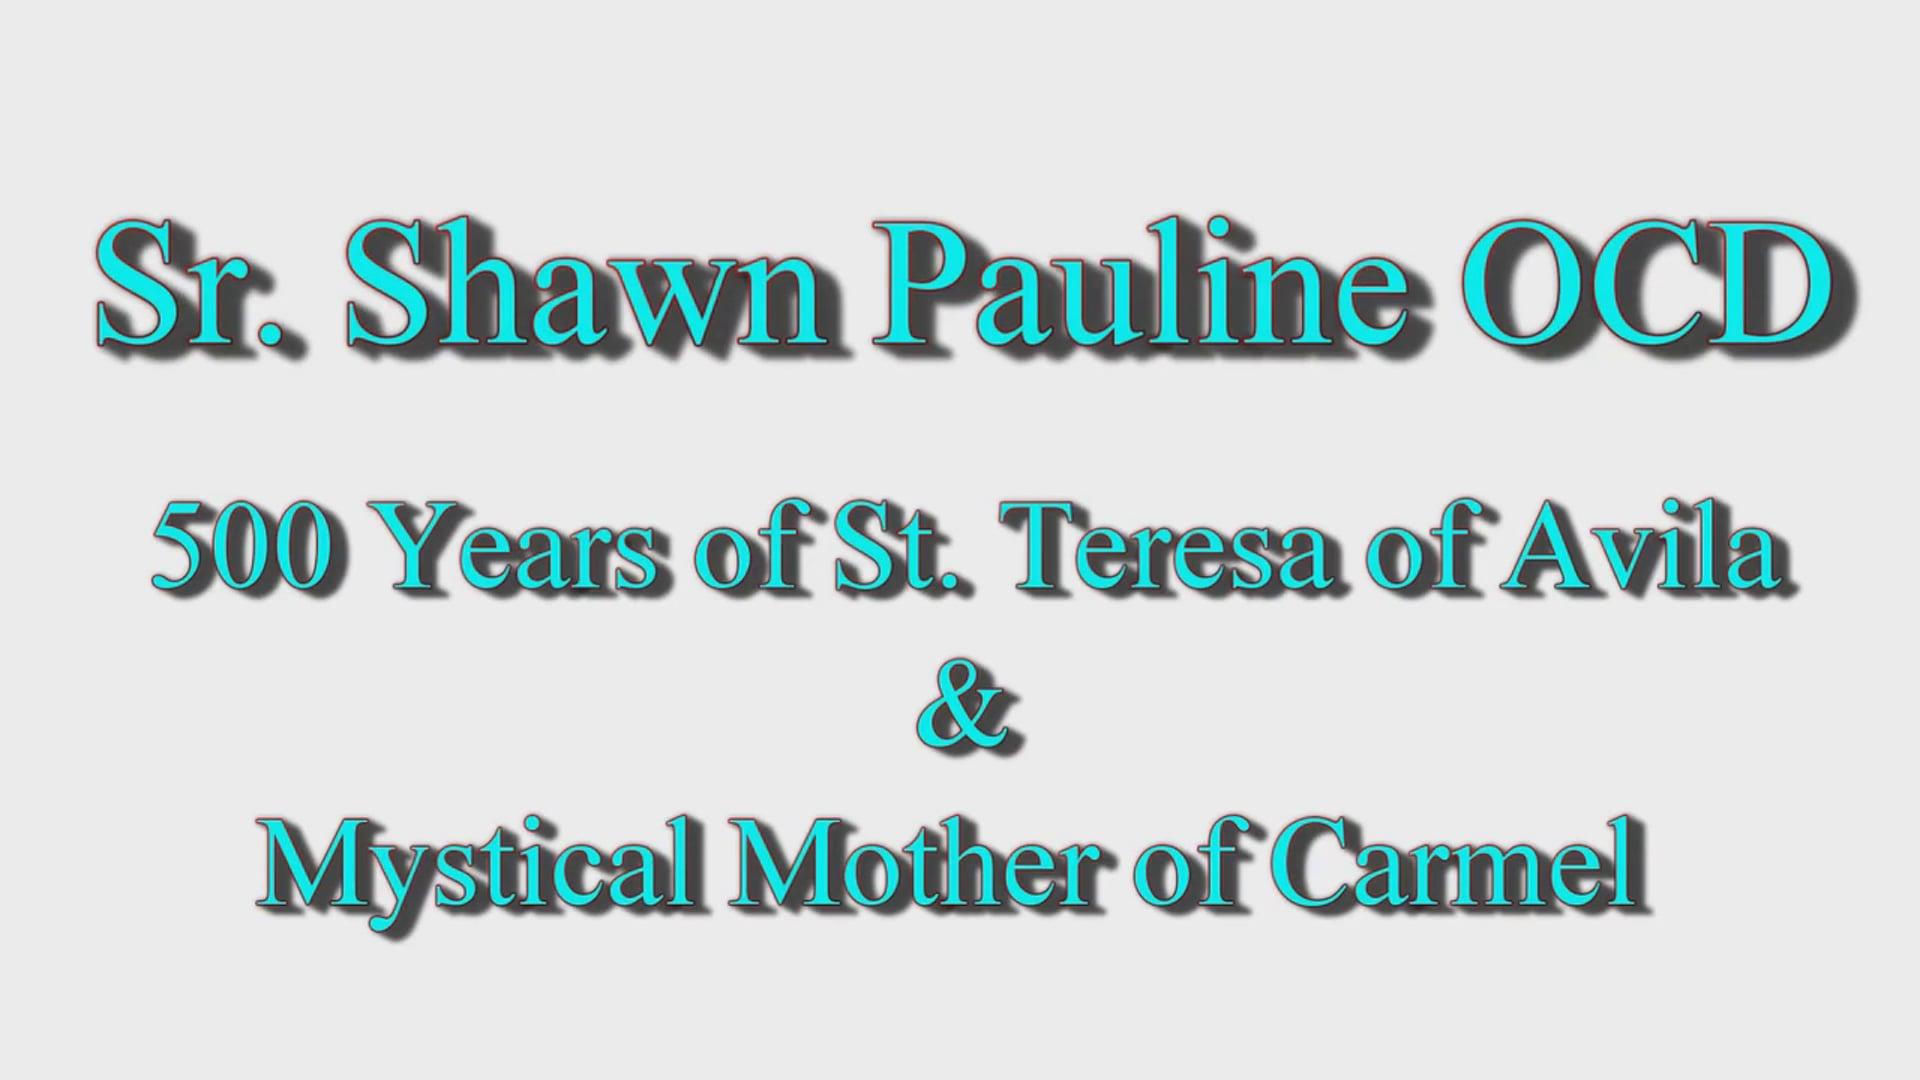 Sr. Shawn Pauline OCD: 500 Years of St. Teresa of Avila